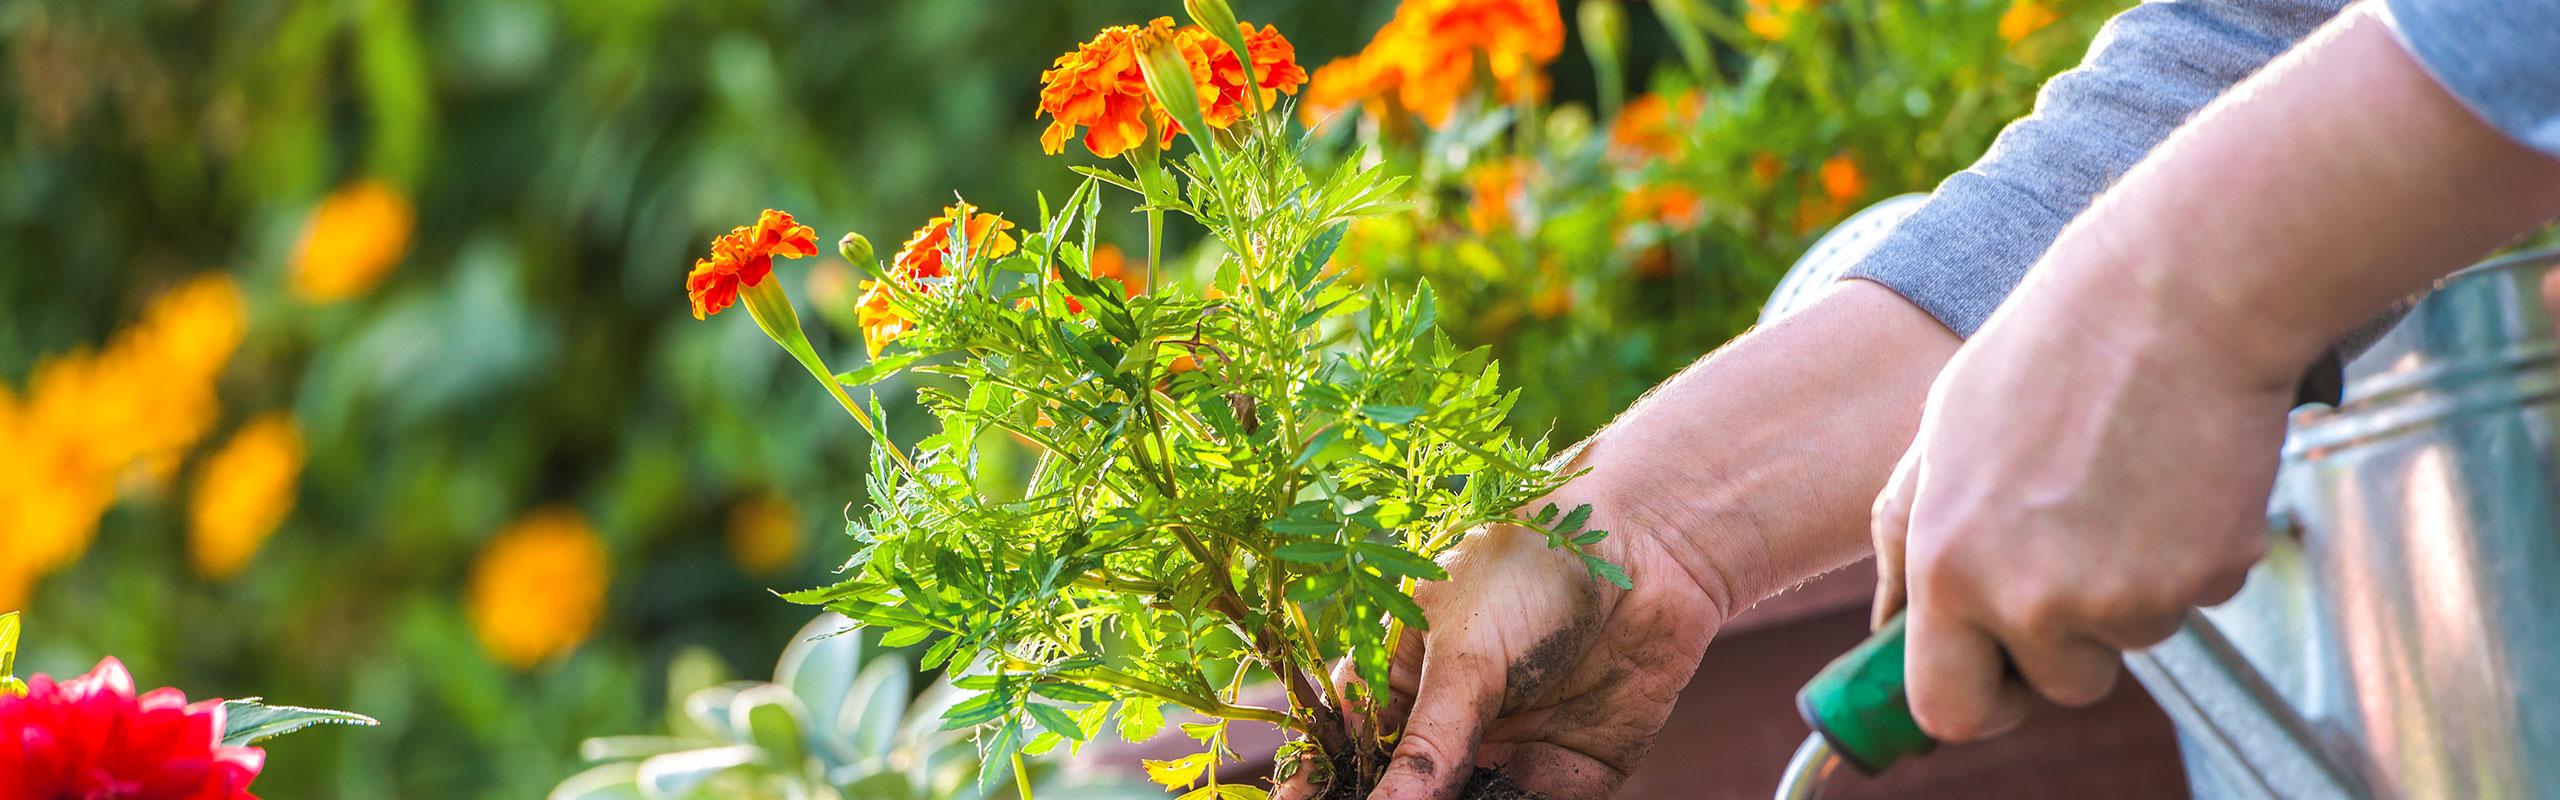 gruber halfing slider dienstleistungen Bepflanzung Dienstleistungen